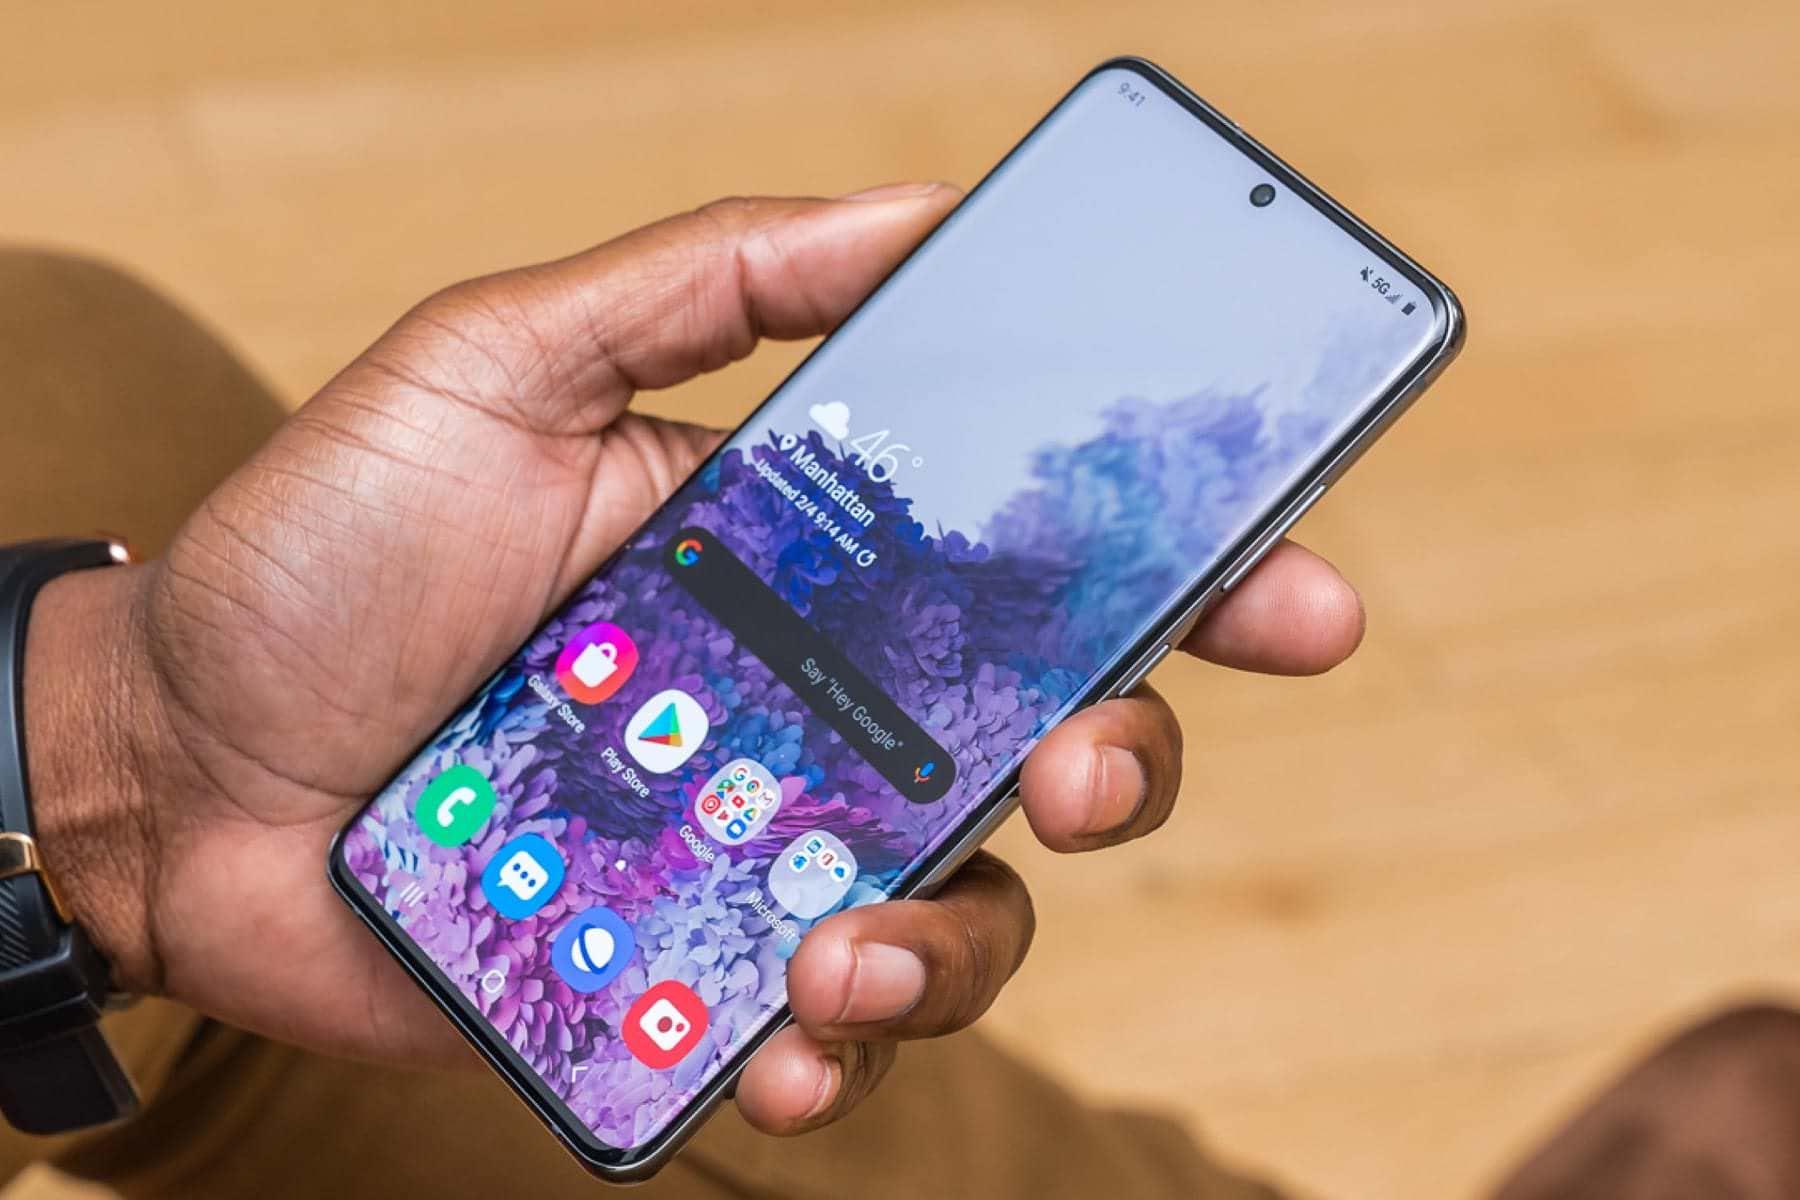 Samsung Galaxy S20 попал в рейтинг самых компактных смартфонов 2020 года имея самую большую диагональ экрана из всего списка